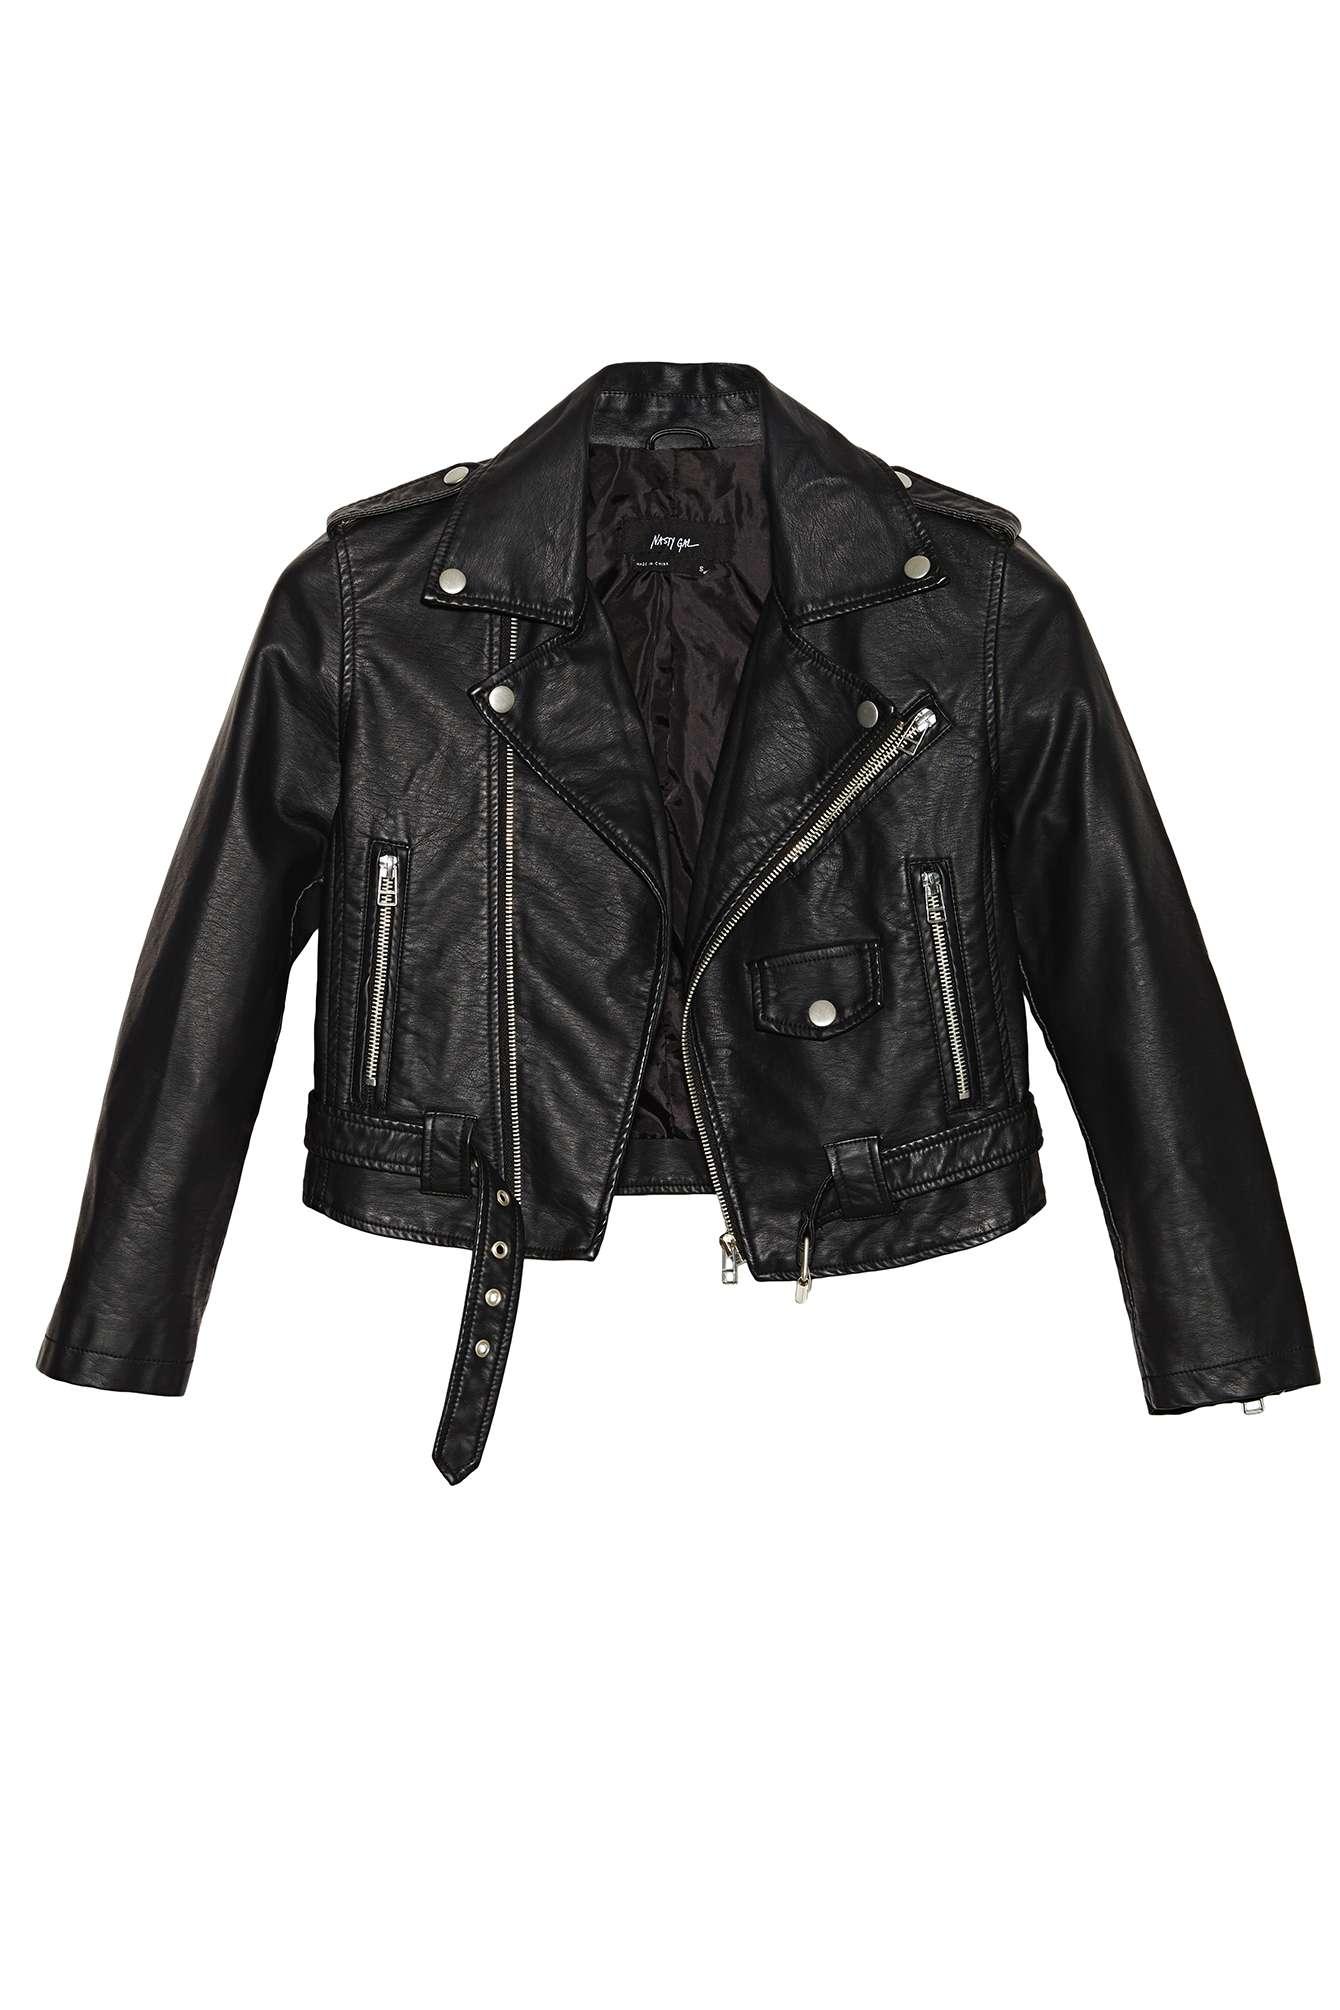 Nasty gal moto zip crop jacket